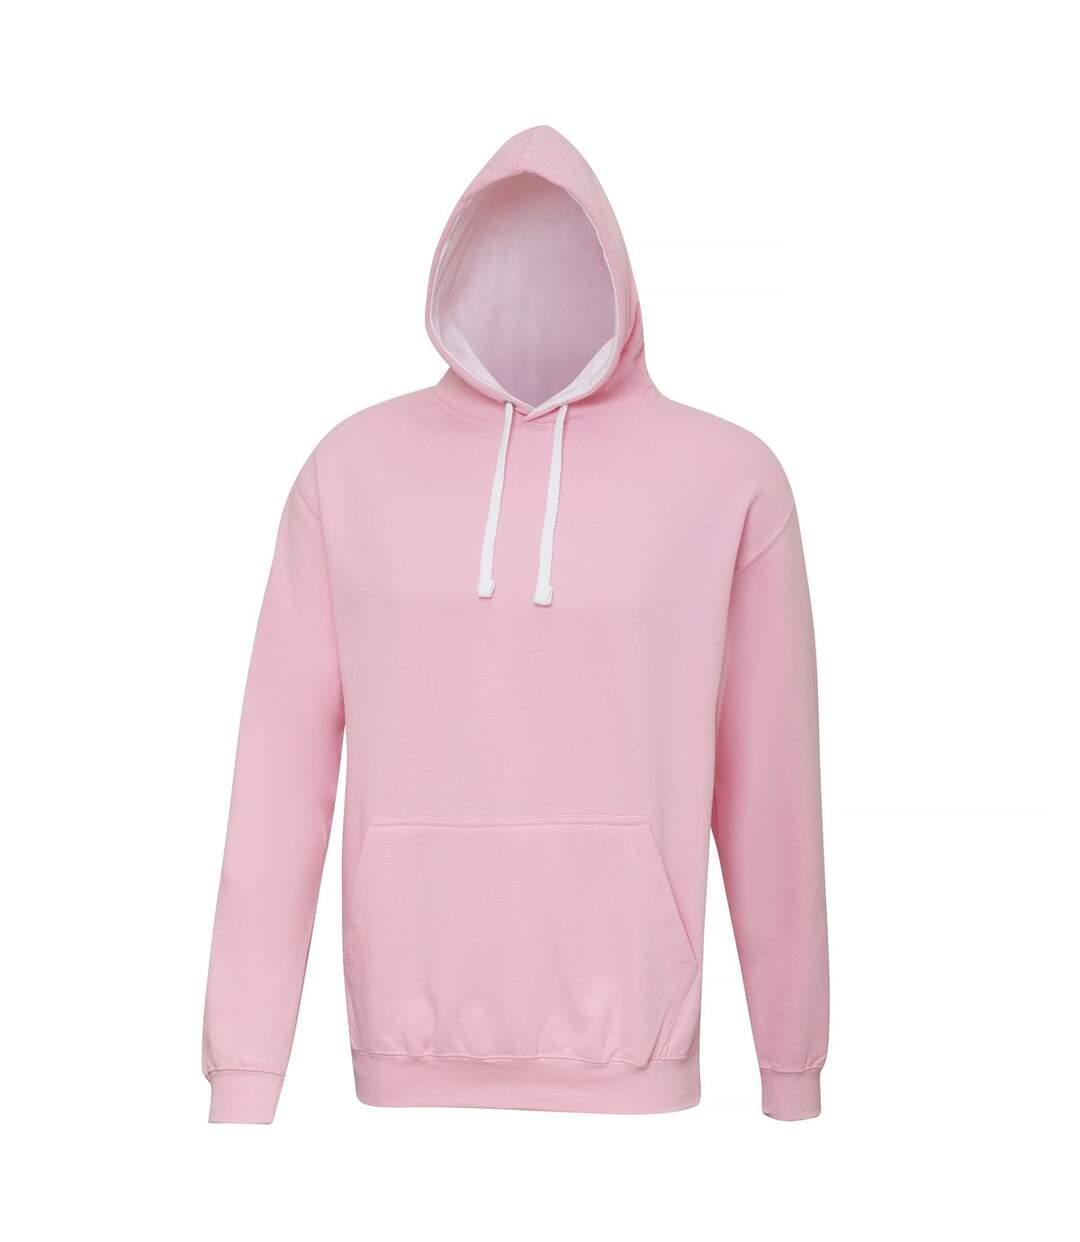 Sweat à capuche contrastée unisexe - JH003 - rose clair et blanc